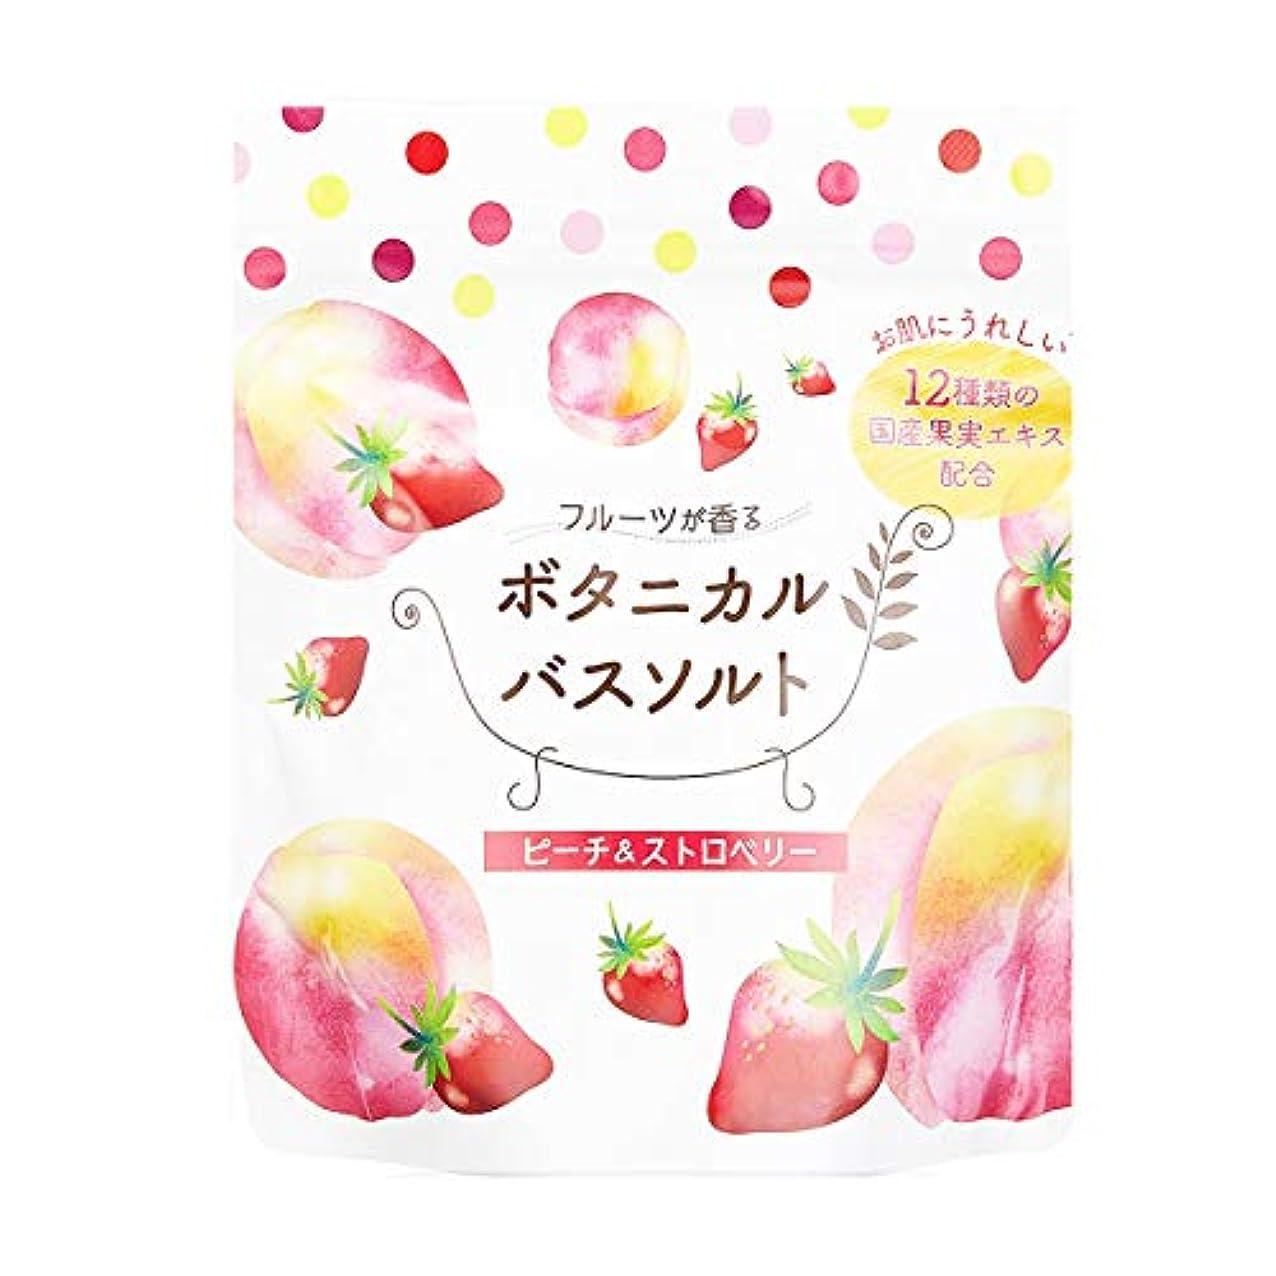 無心既にダイジェスト松田医薬品 フルーツが香るボタニカルバスソルト ピーチ&ストロベリー 30g